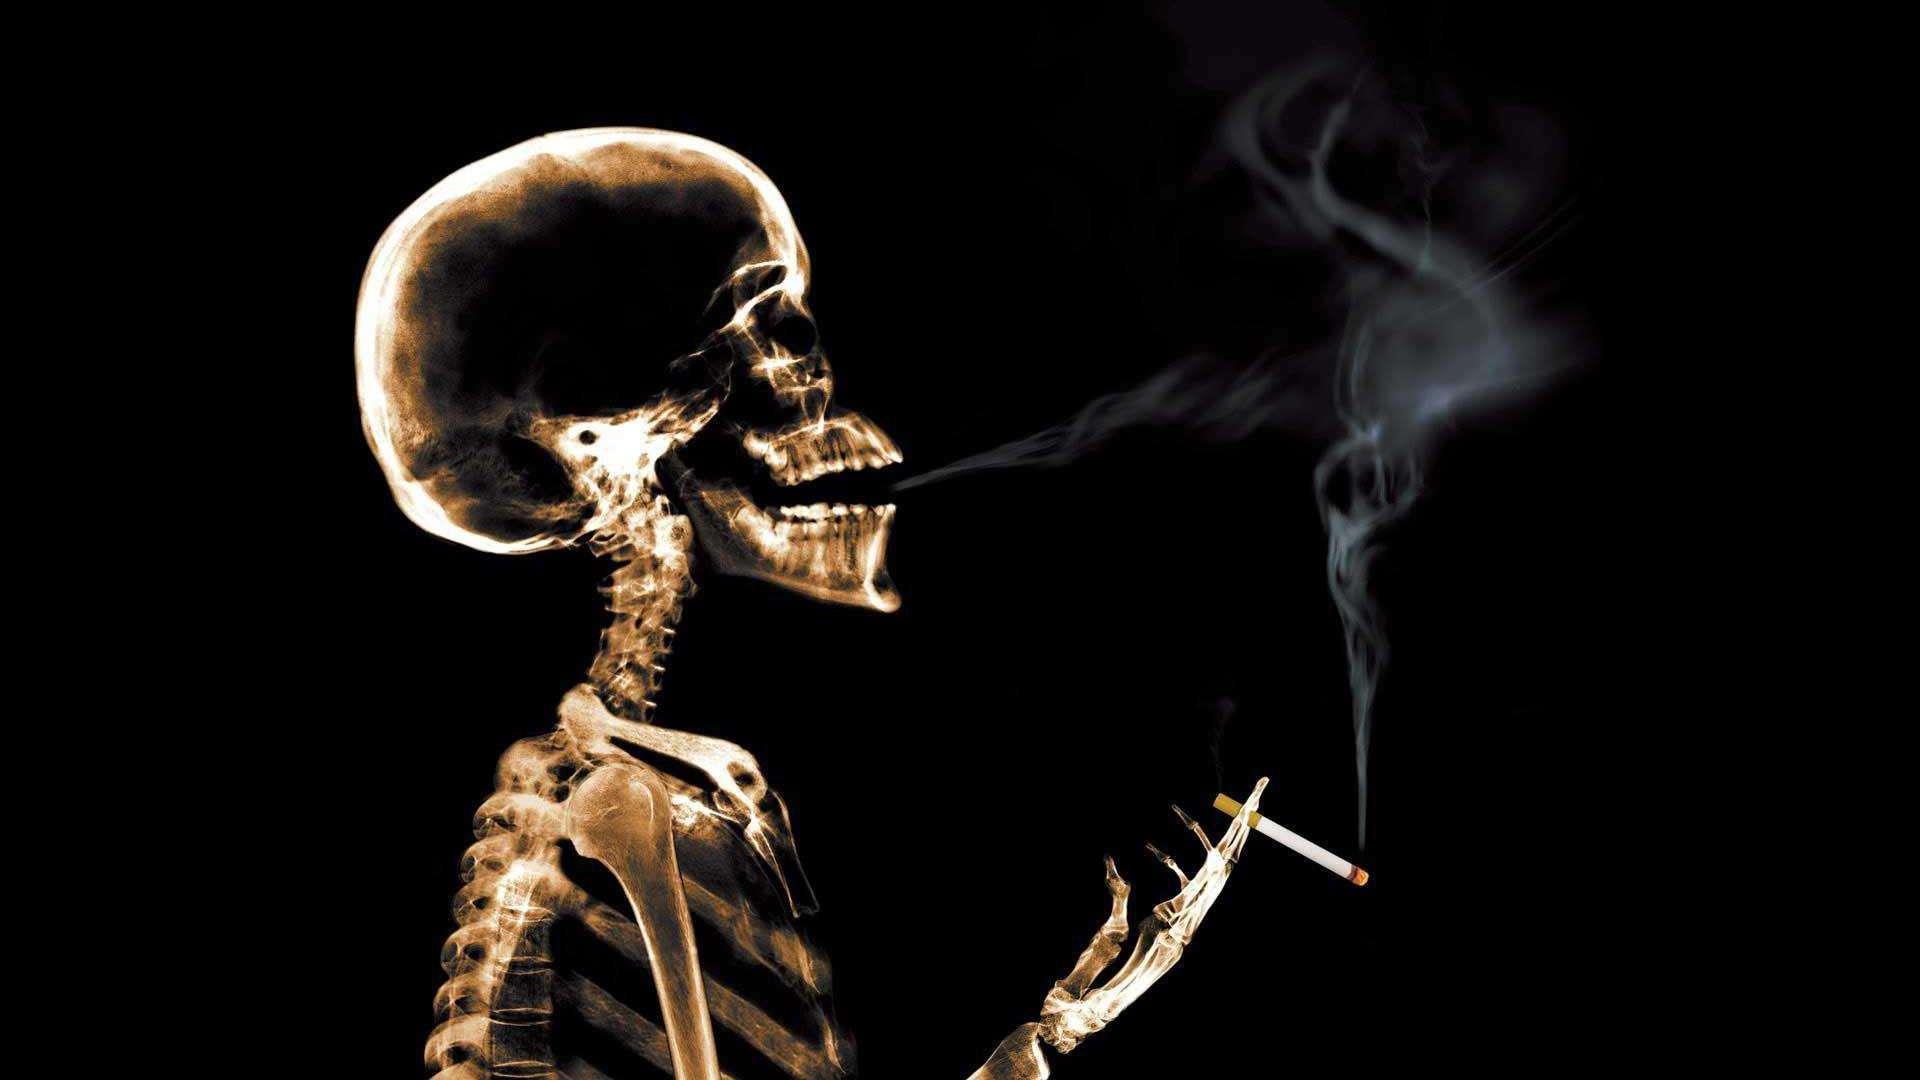 吸烟真的影响大脑